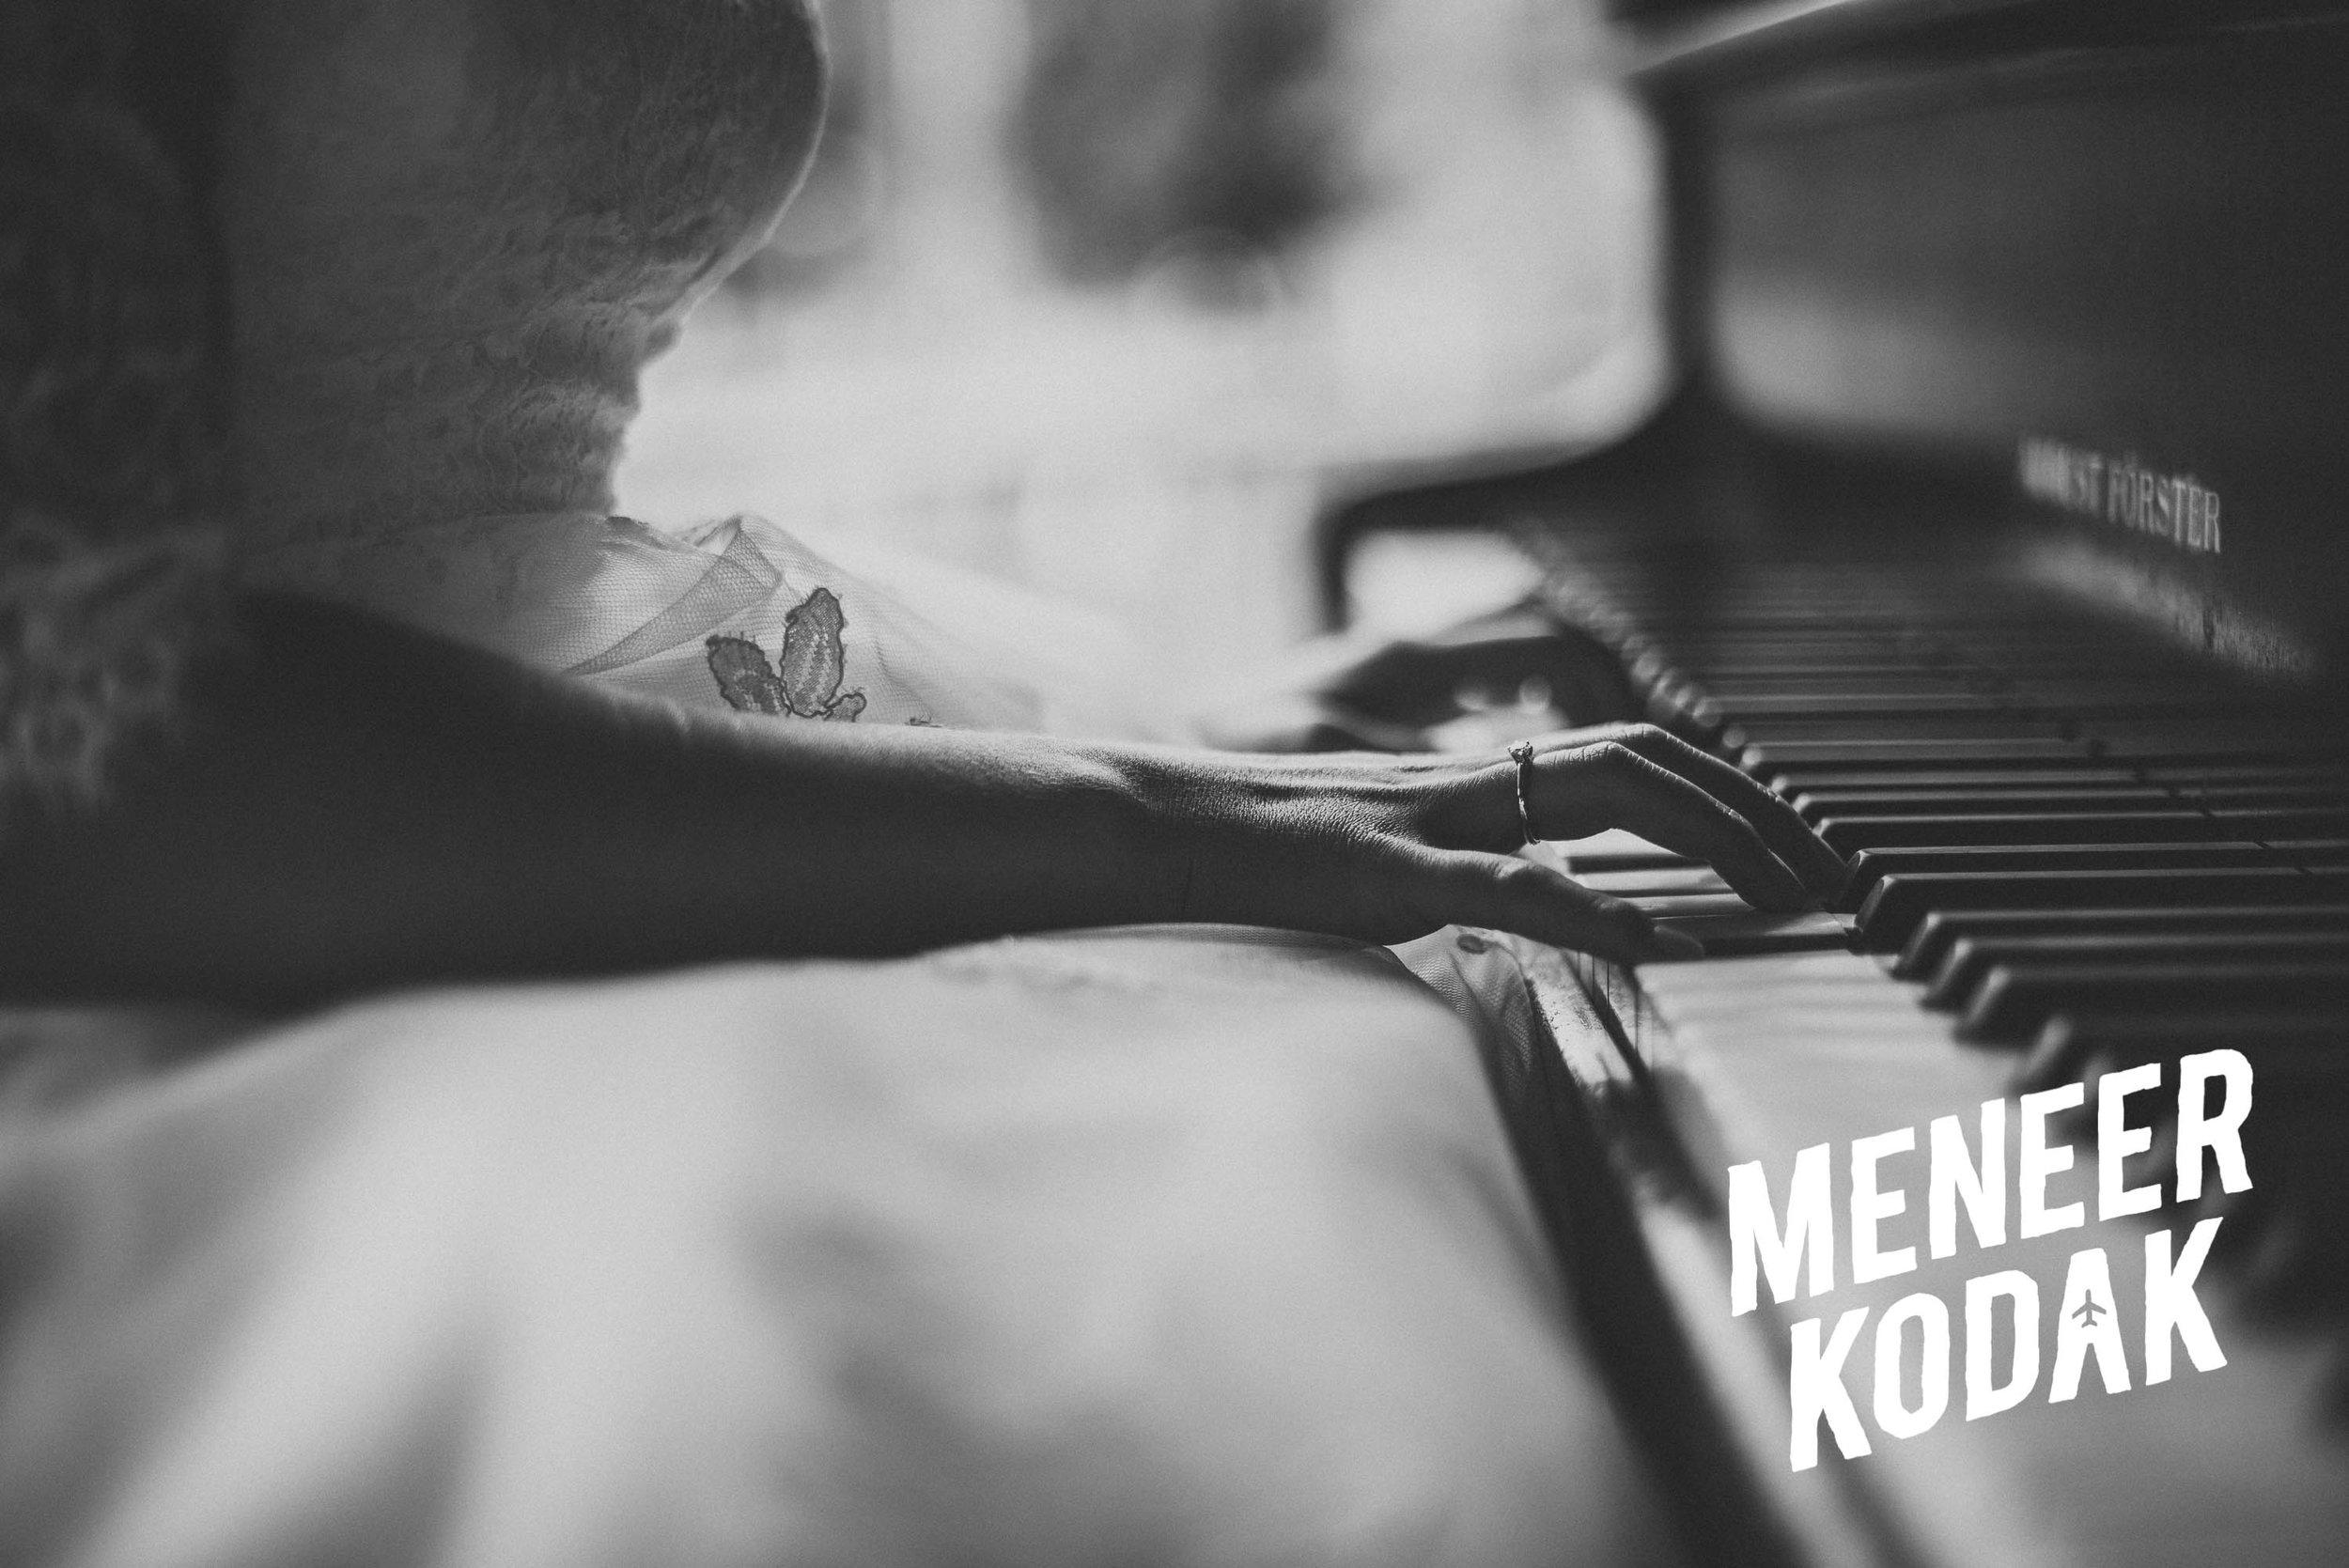 Meneer Kodak - Trouwfotograaf - Gent - D&T-032.jpg